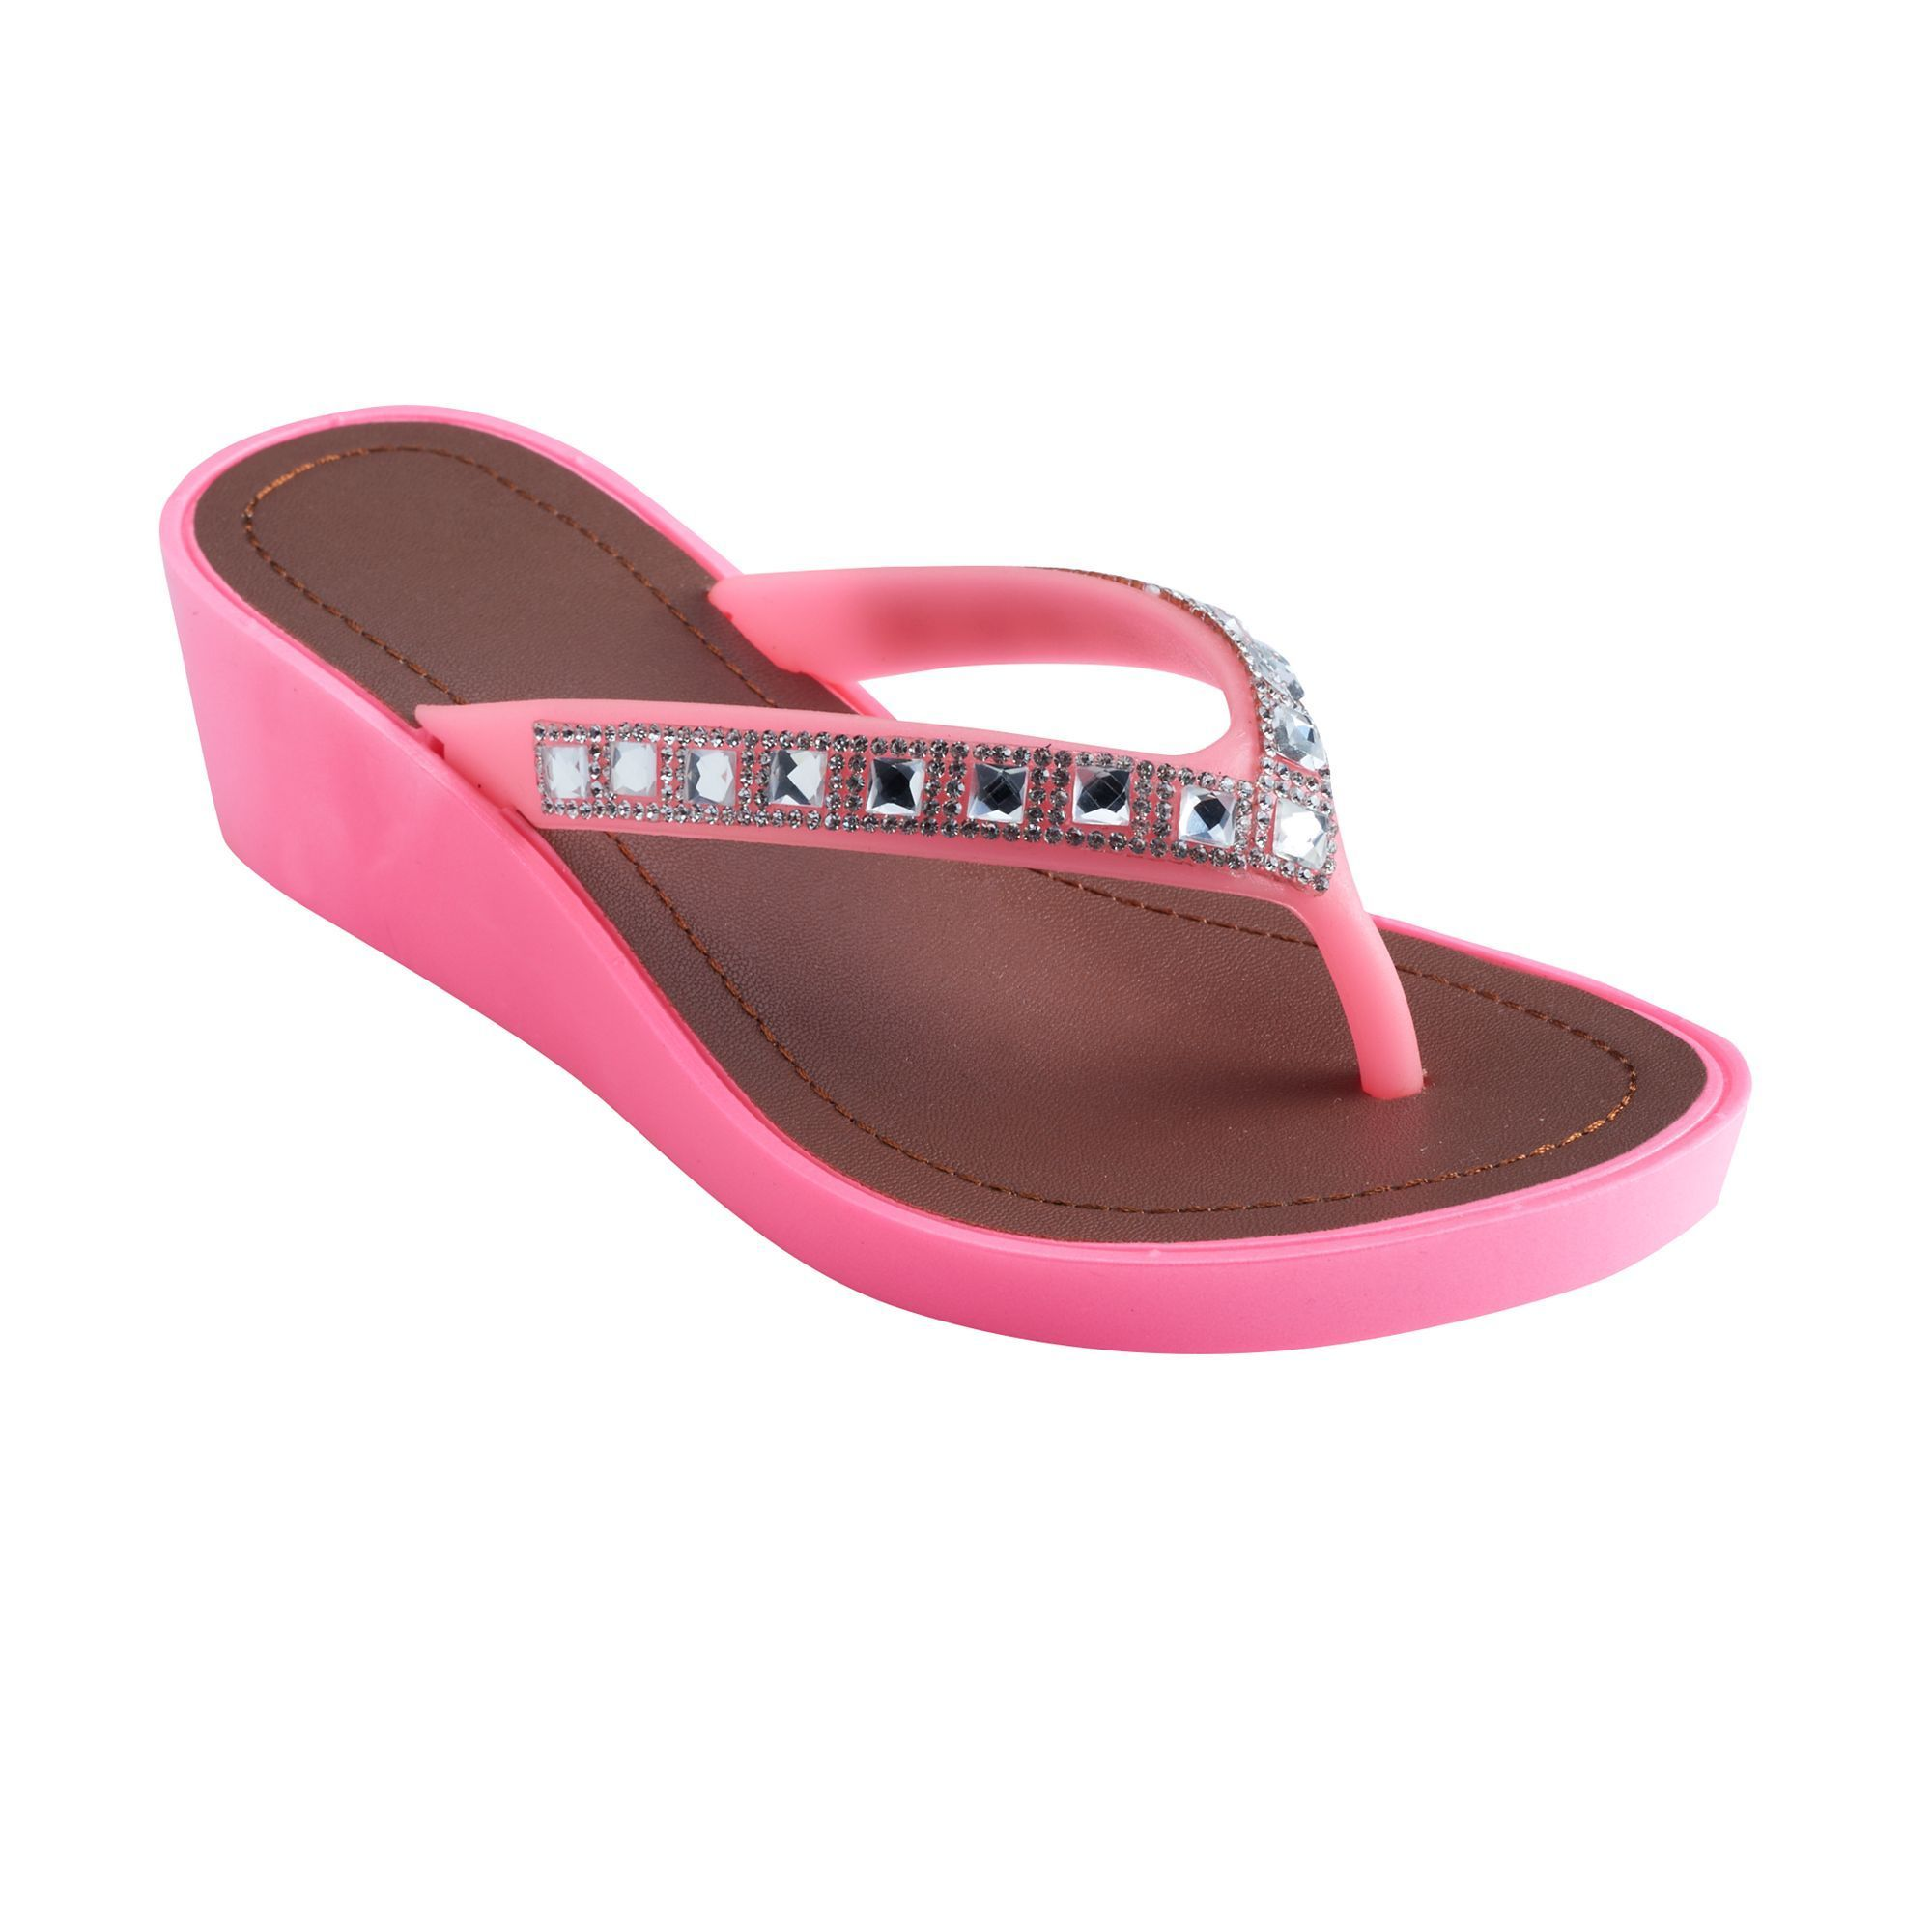 6ea1bf46402 Girls 4-16 Natural Wedge Flip Flops